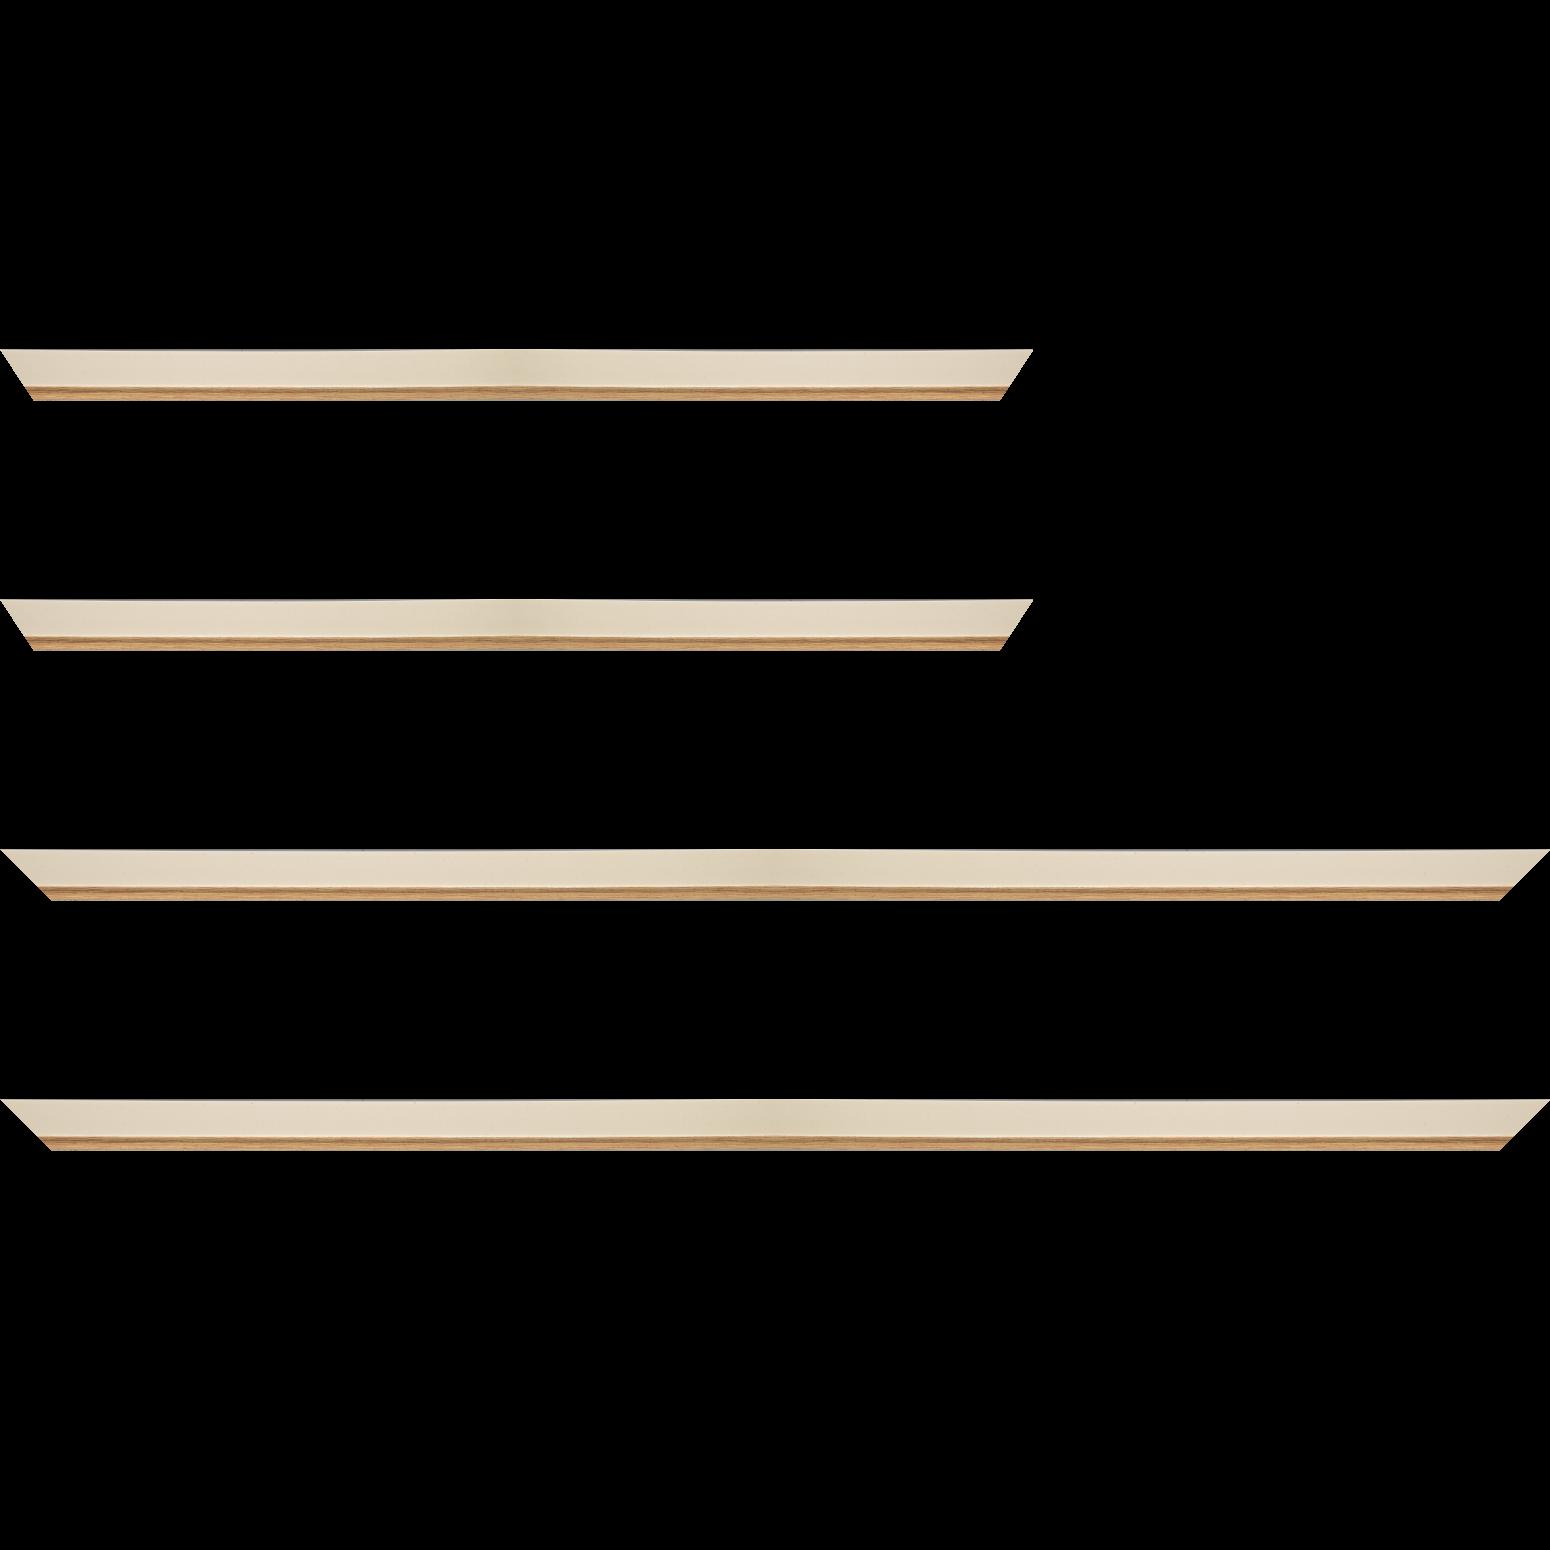 Baguette service précoupé Bois profil plat largeur 3,1cm couleur coquille d'œuf filet or